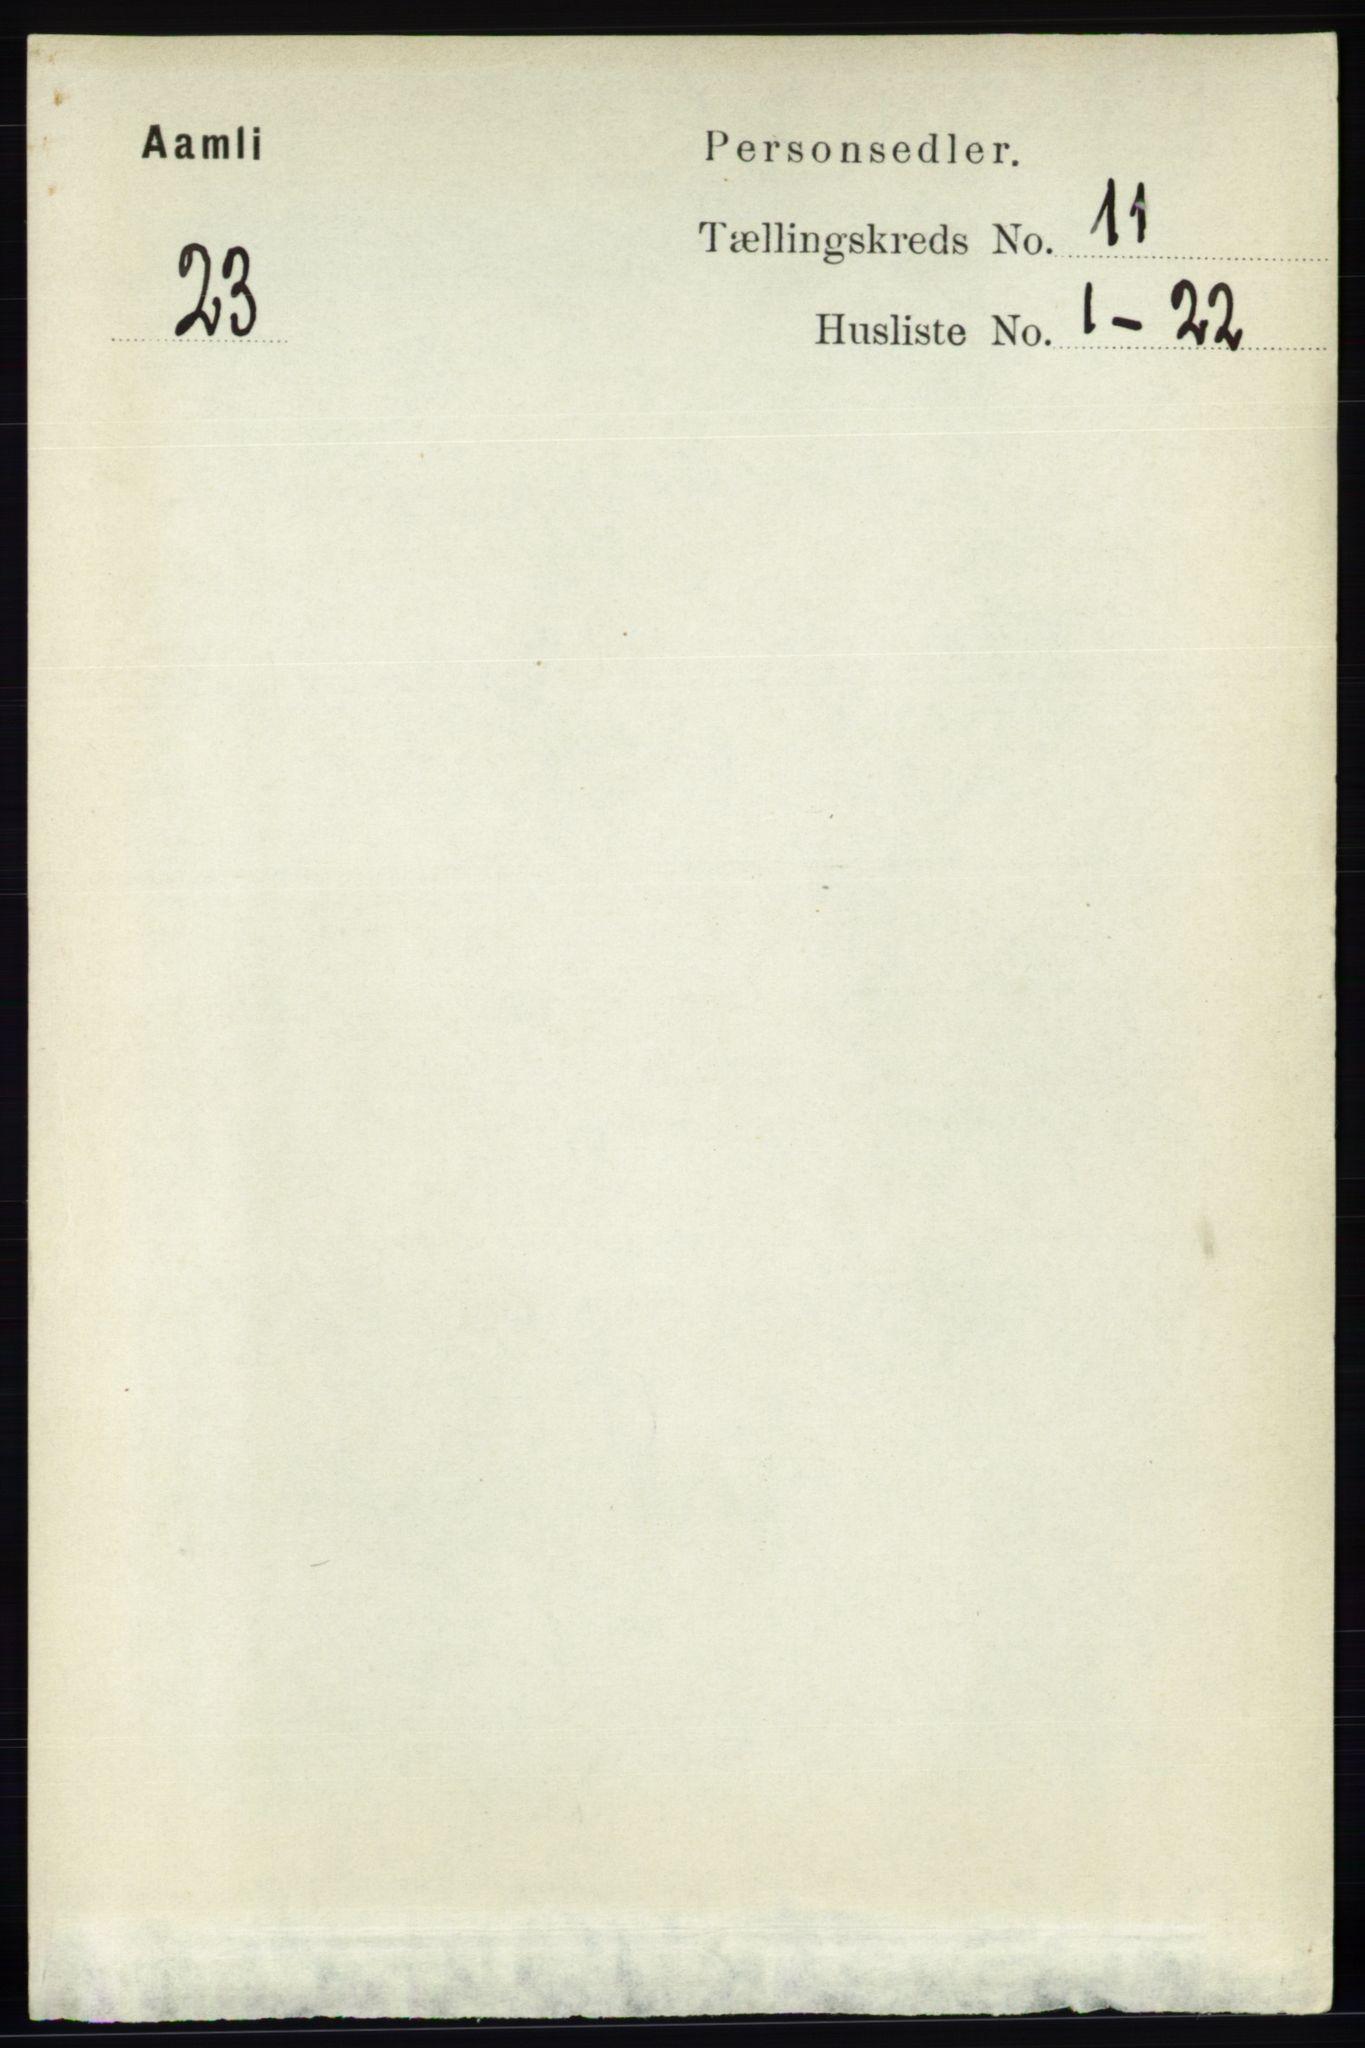 RA, Folketelling 1891 for 0929 Åmli herred, 1891, s. 1848